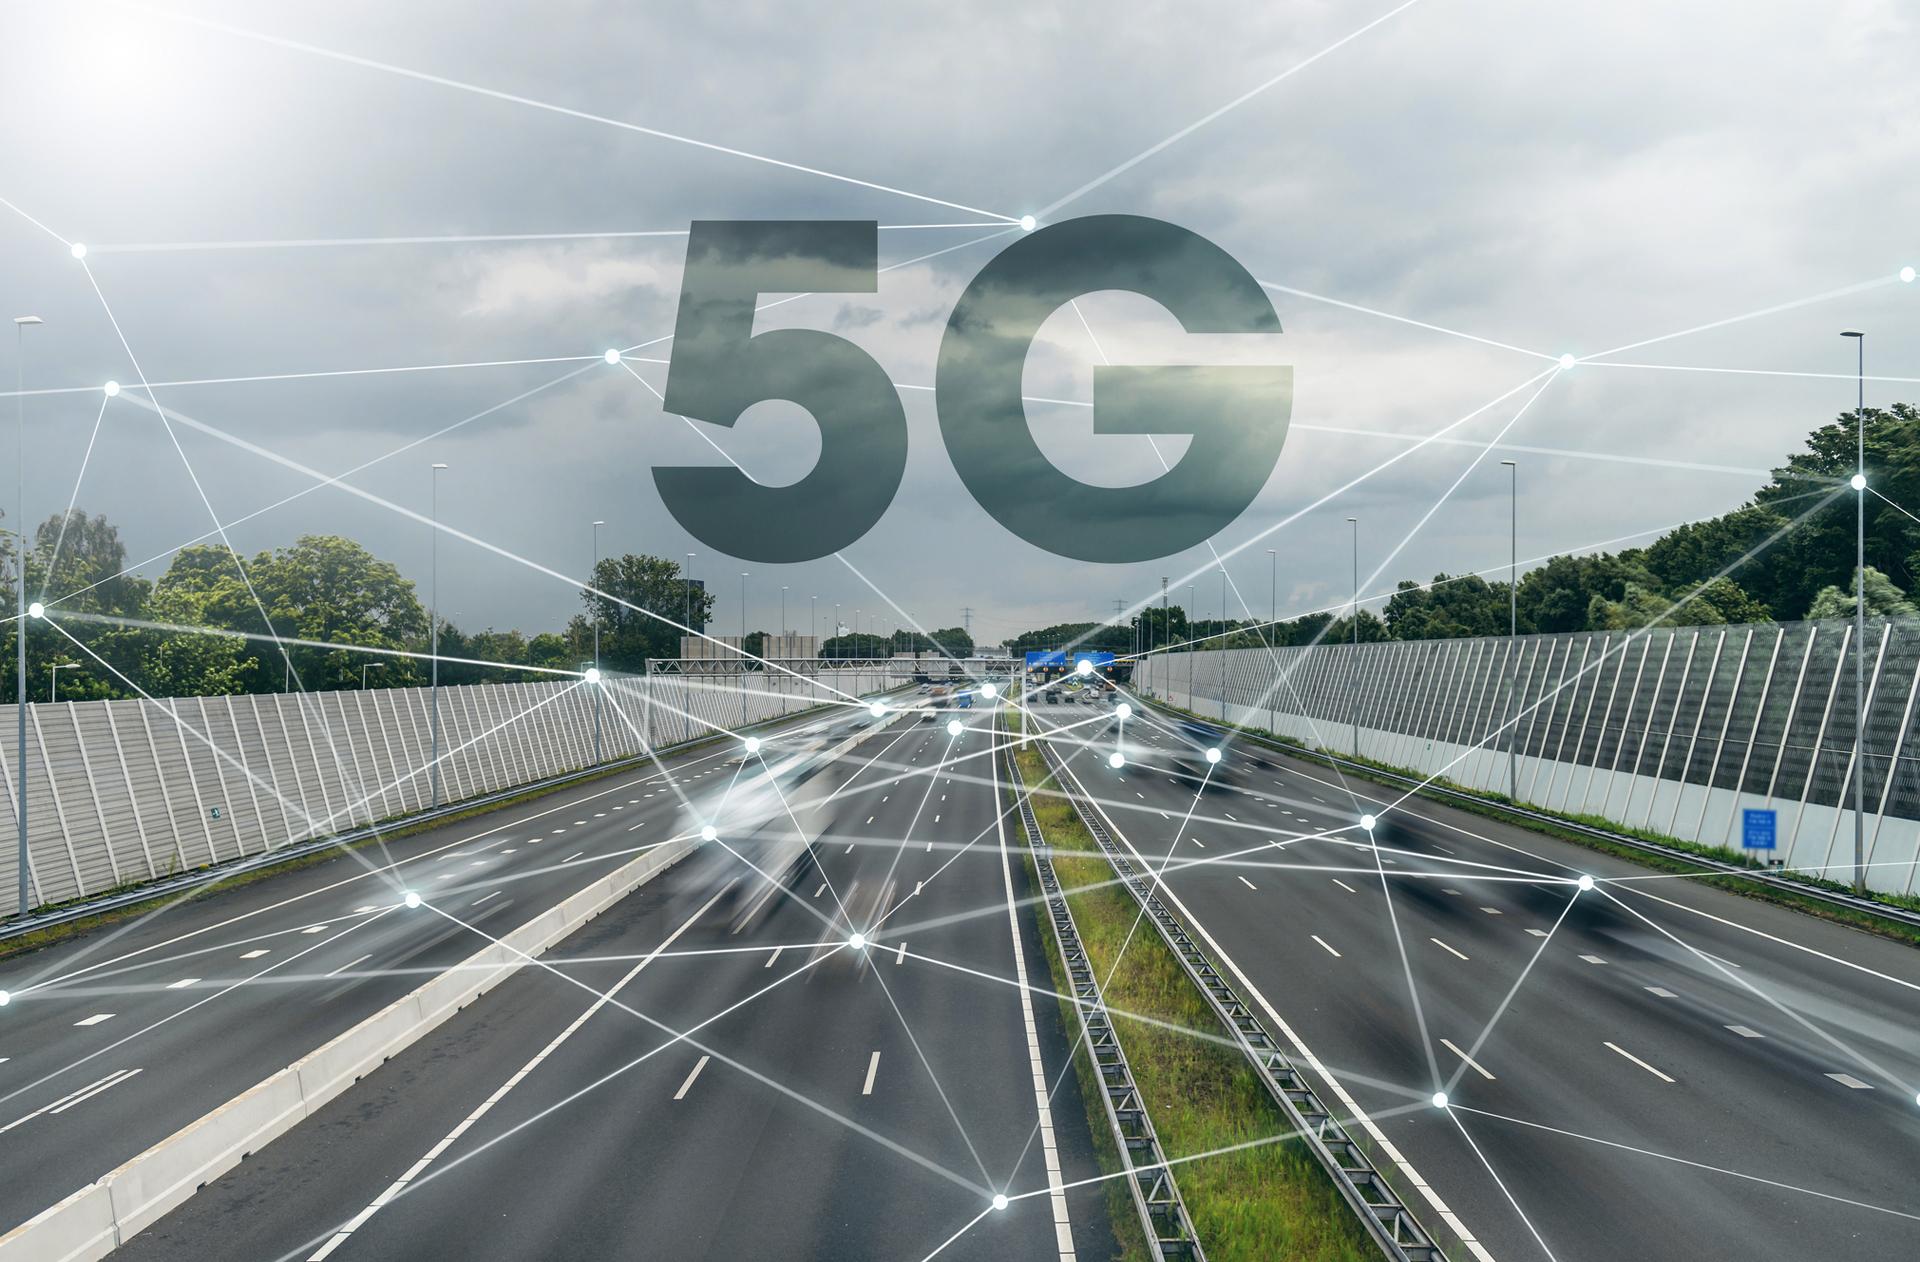 Ein 5G-Symbolbild mit Autobahn und Vernetzung